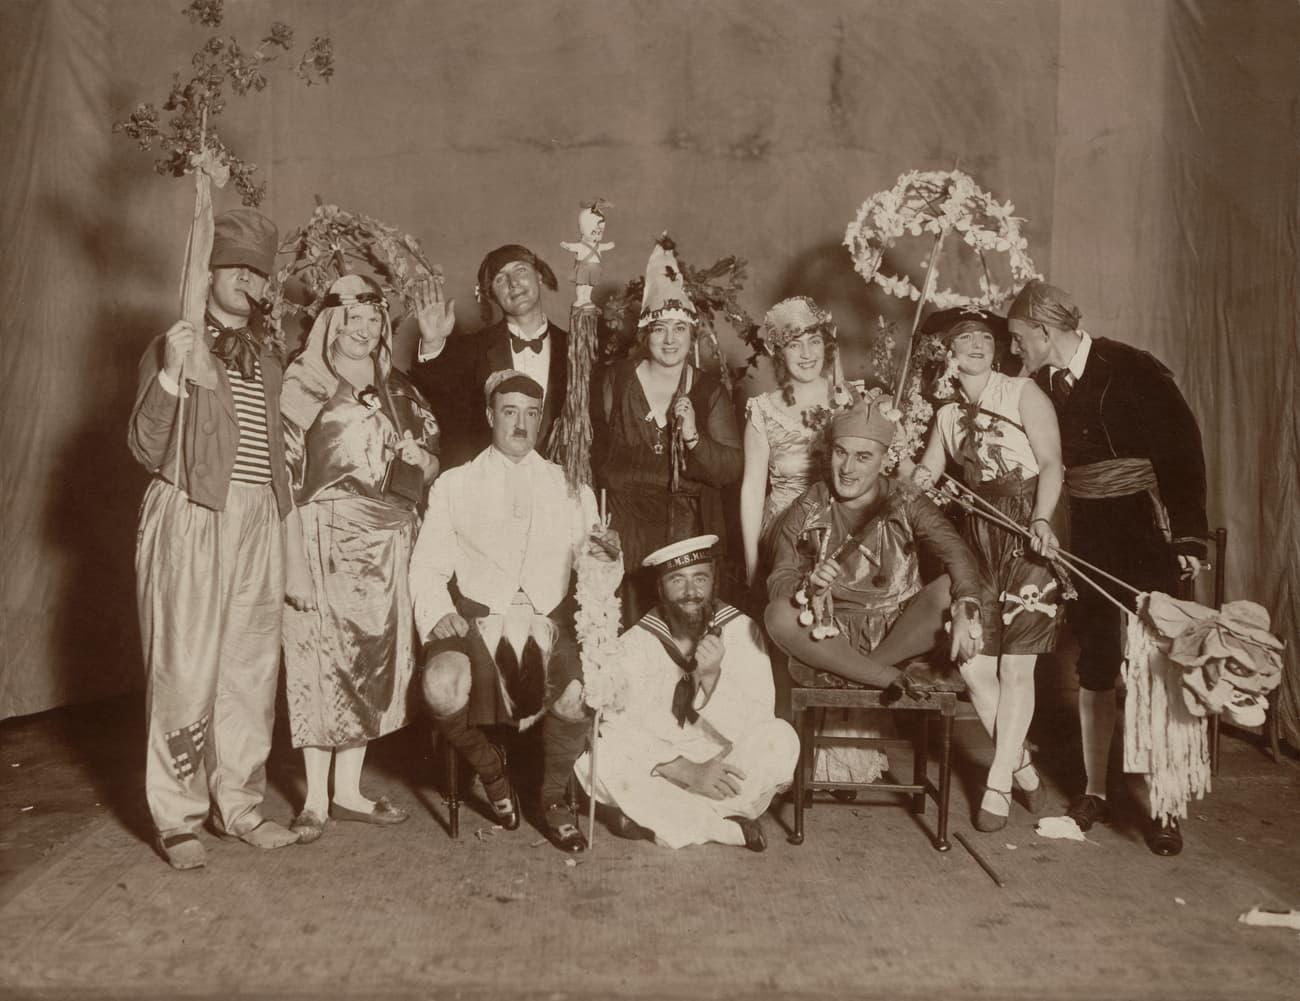 Fancy dress party, 1928